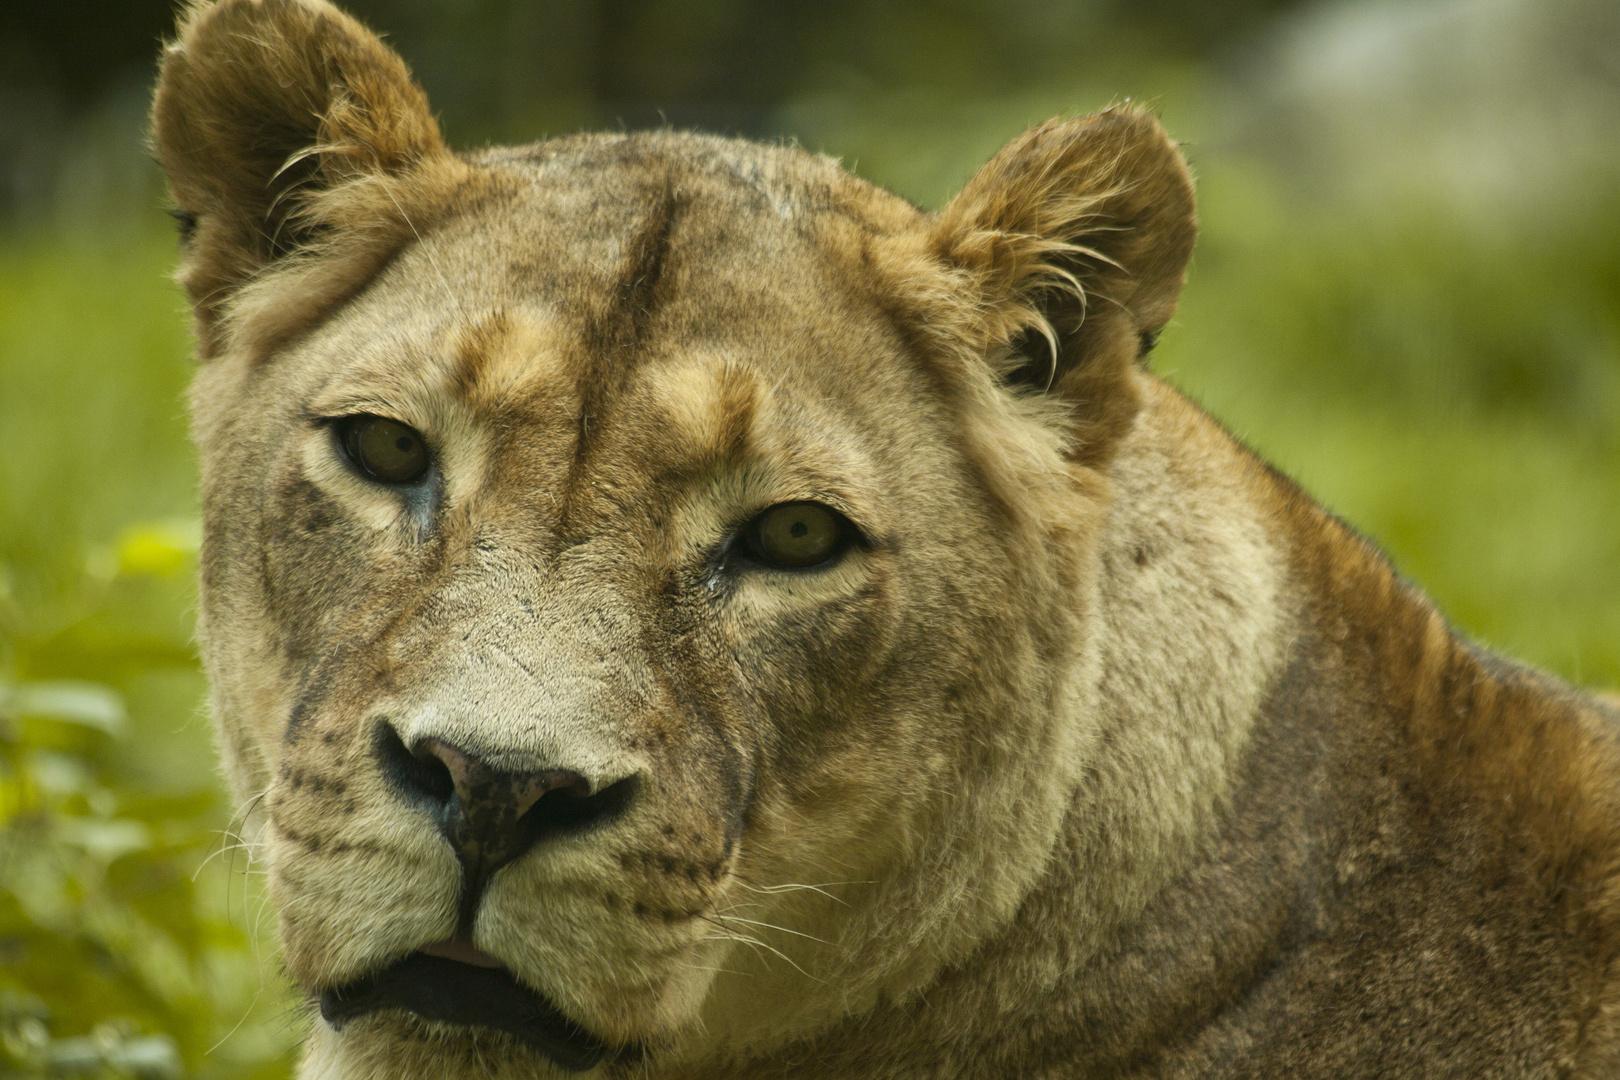 Schau mir in die Augen Löwe